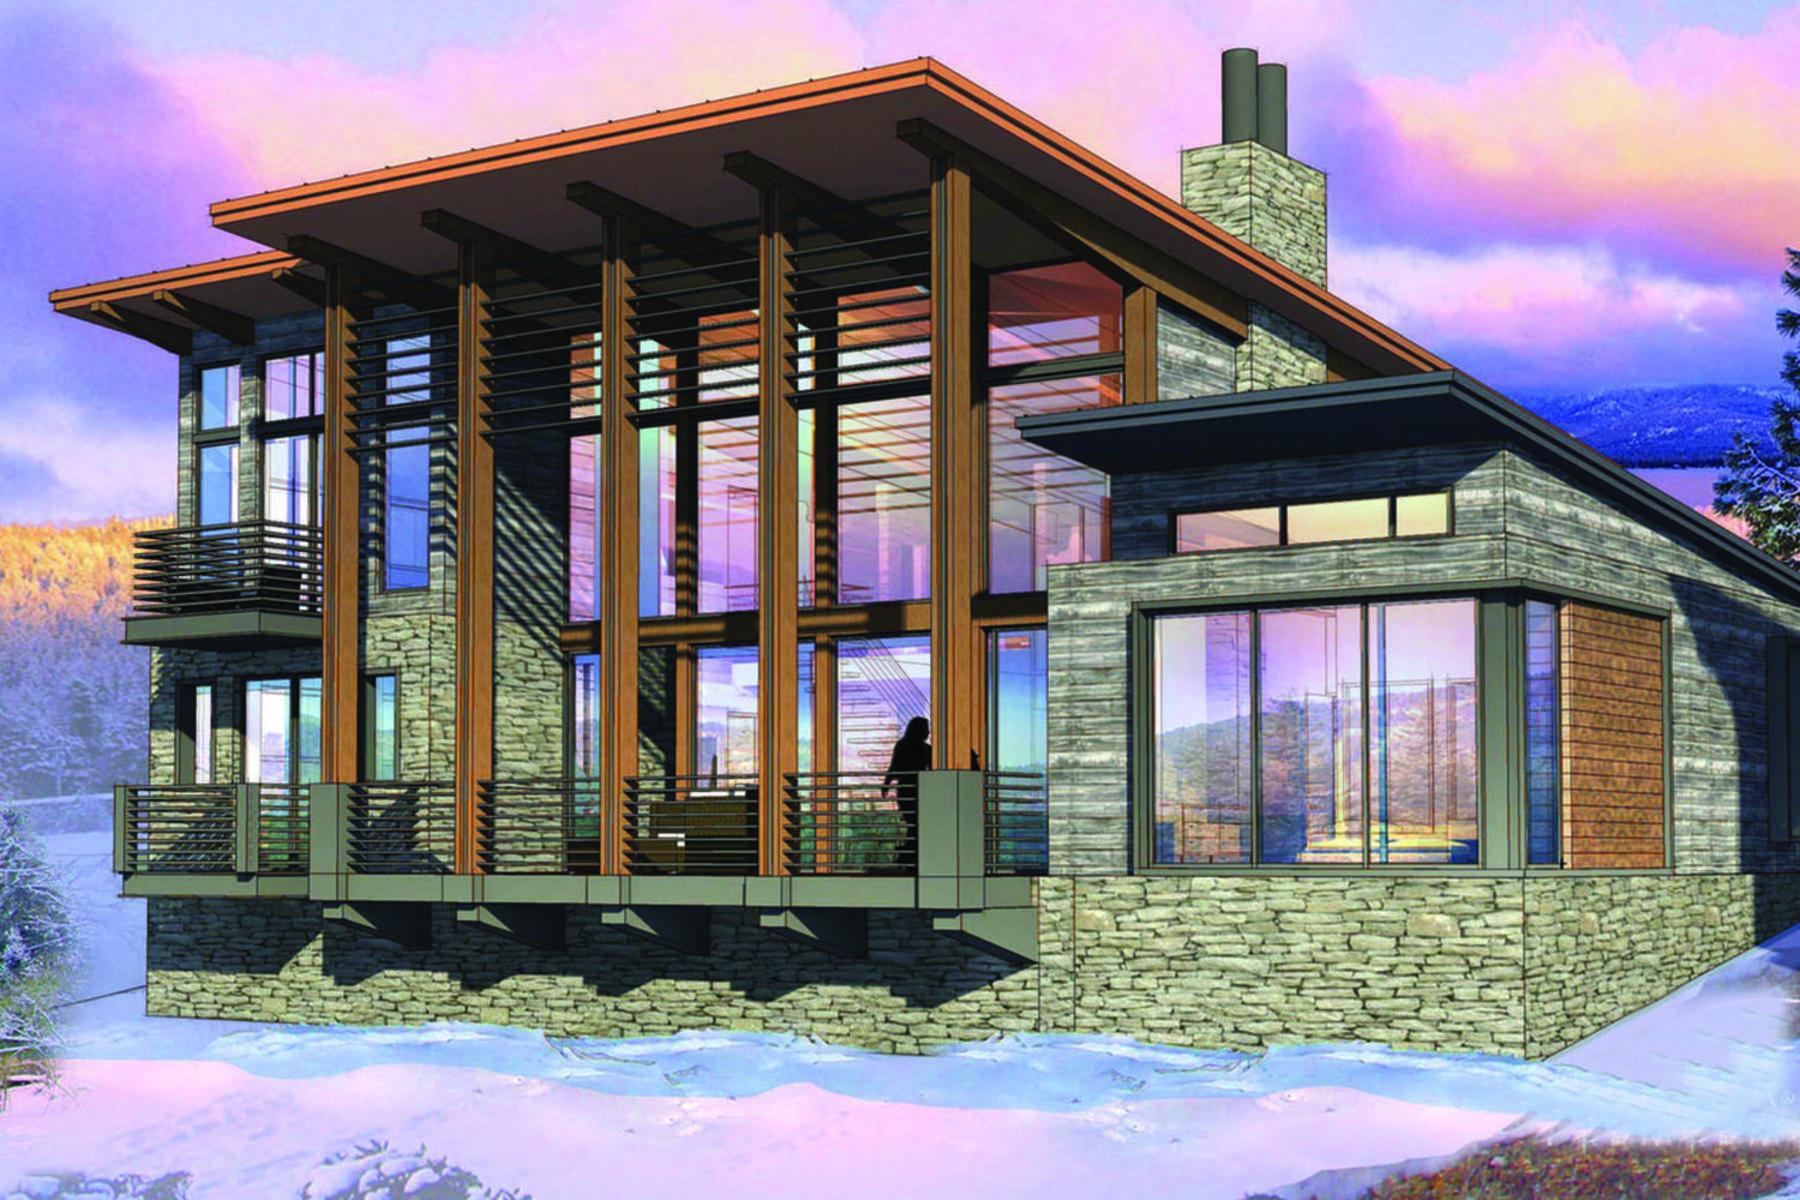 단독 가정 주택 용 매매 에 New Nicklaus Golf Cabin Promontory 6684 Golden Bear Loop West Park City, 유타, 84098 미국